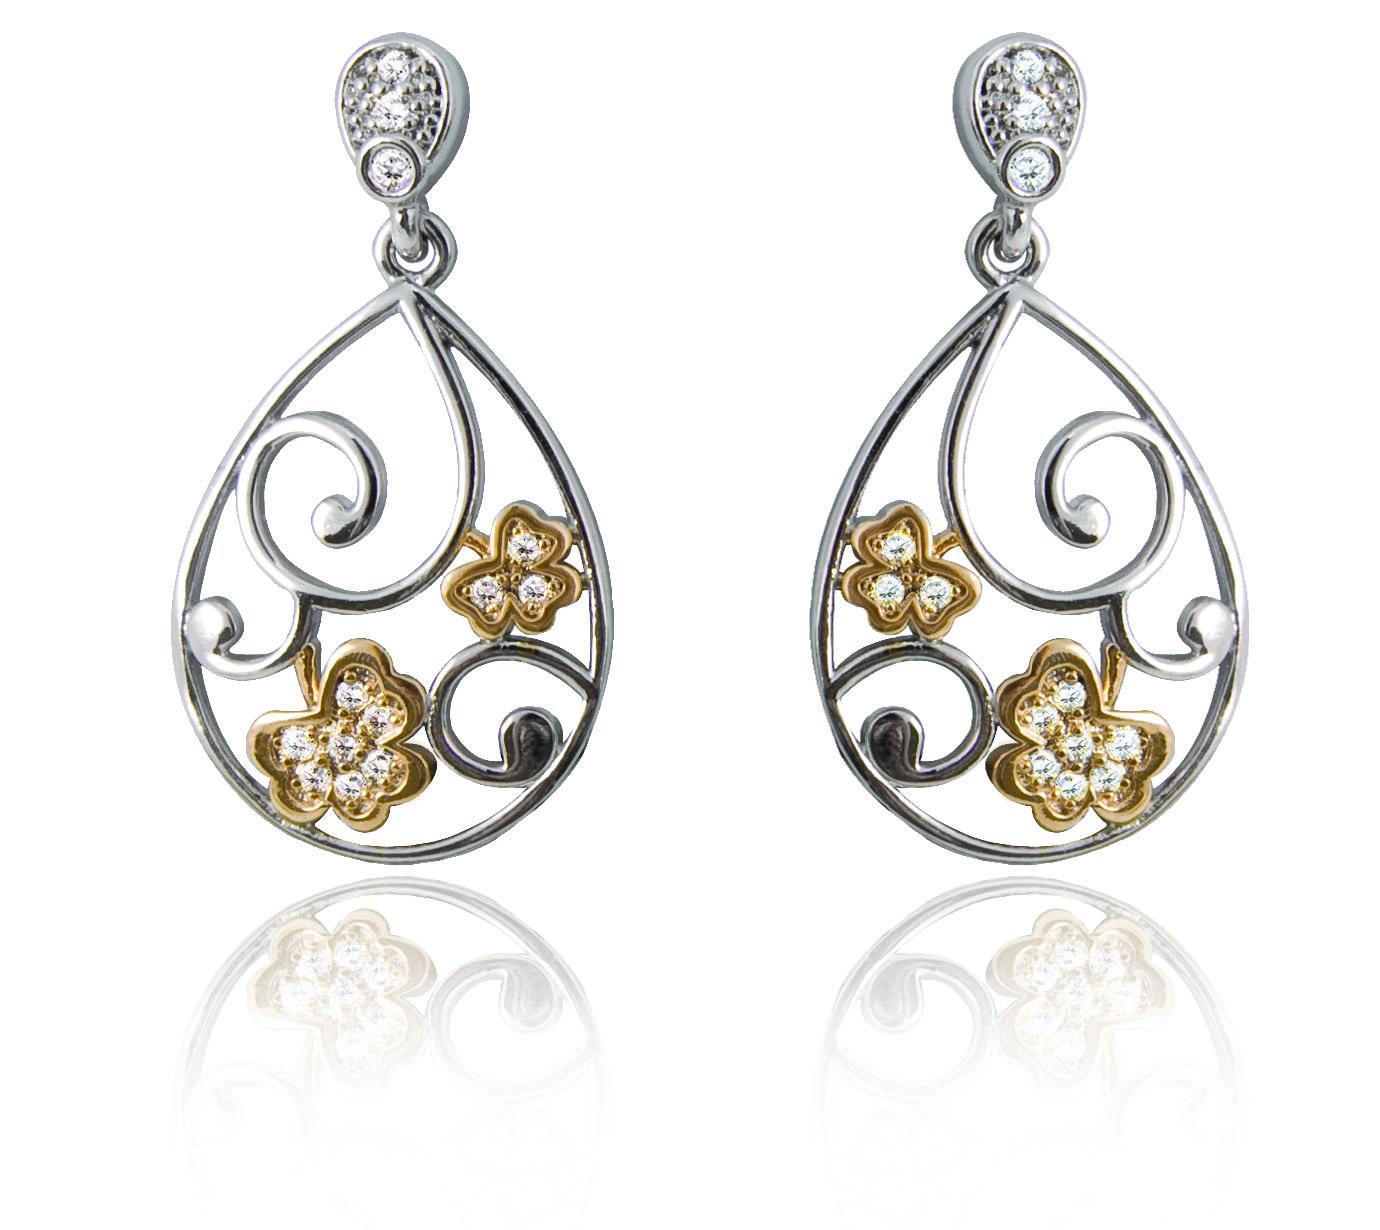 Silver Plated Tier Drop Swirl Shamrock Earrings 78819